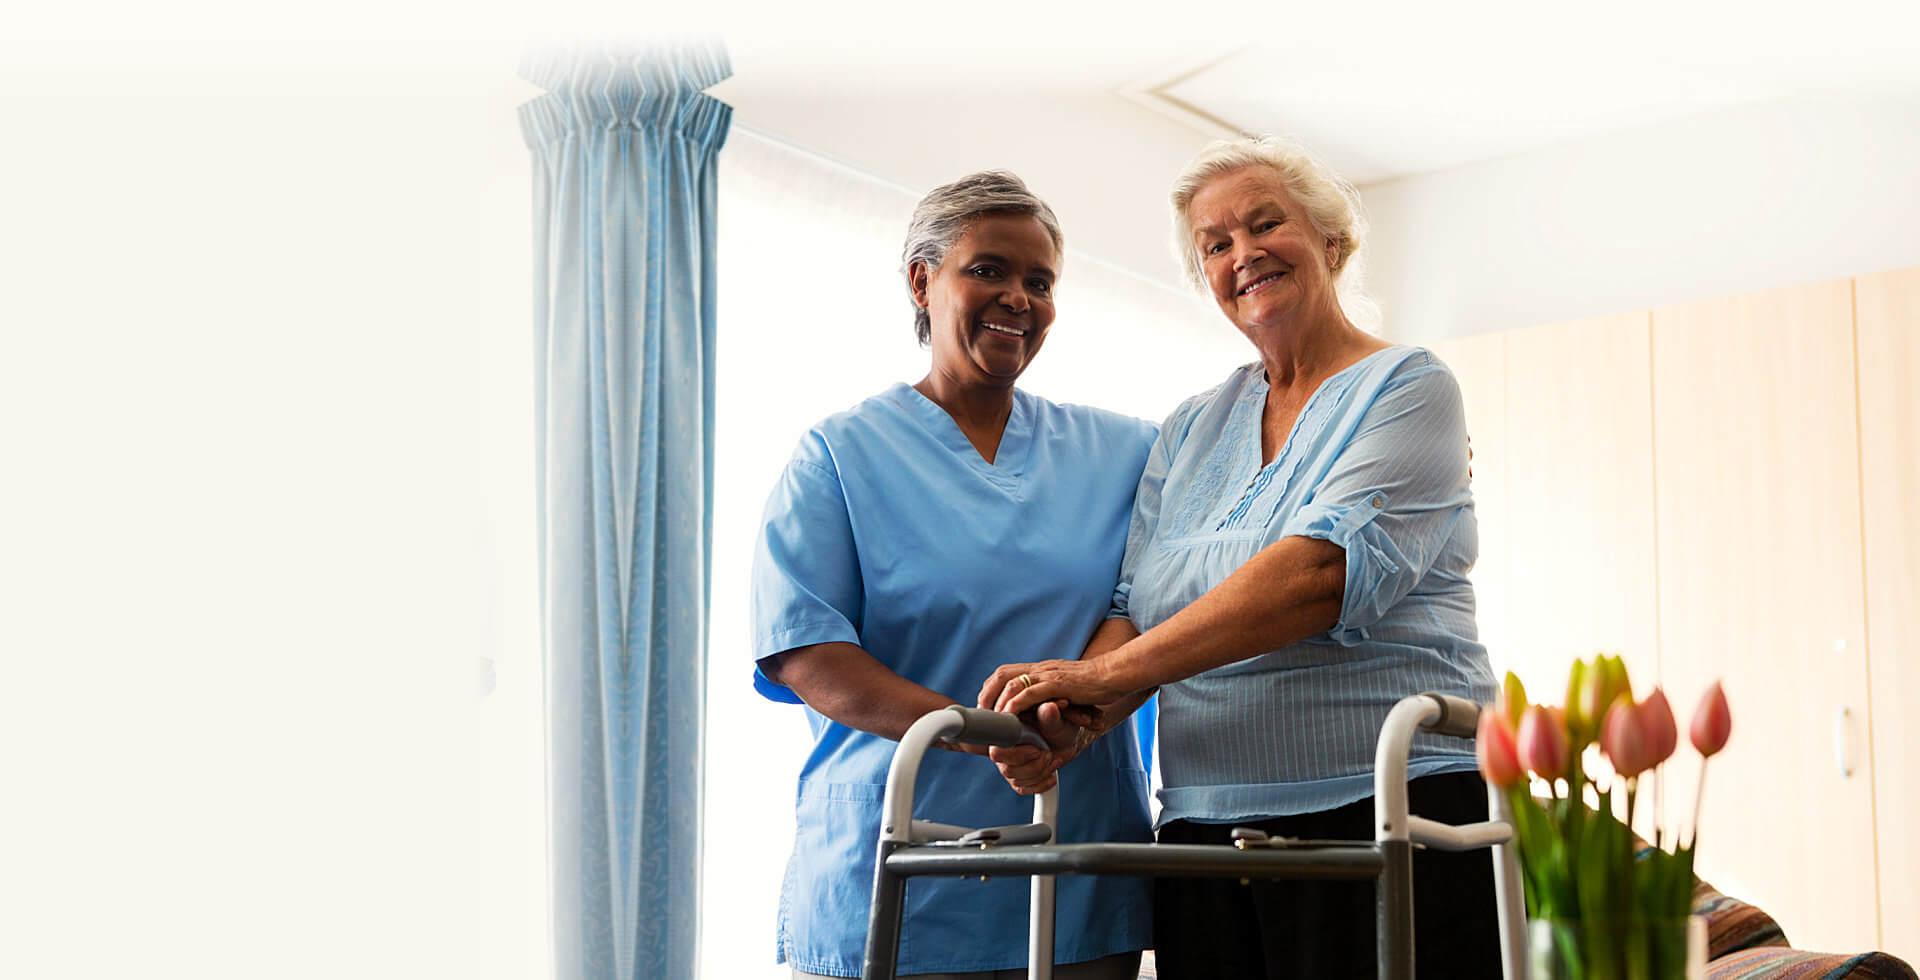 elder wowan accompanied by a nurse